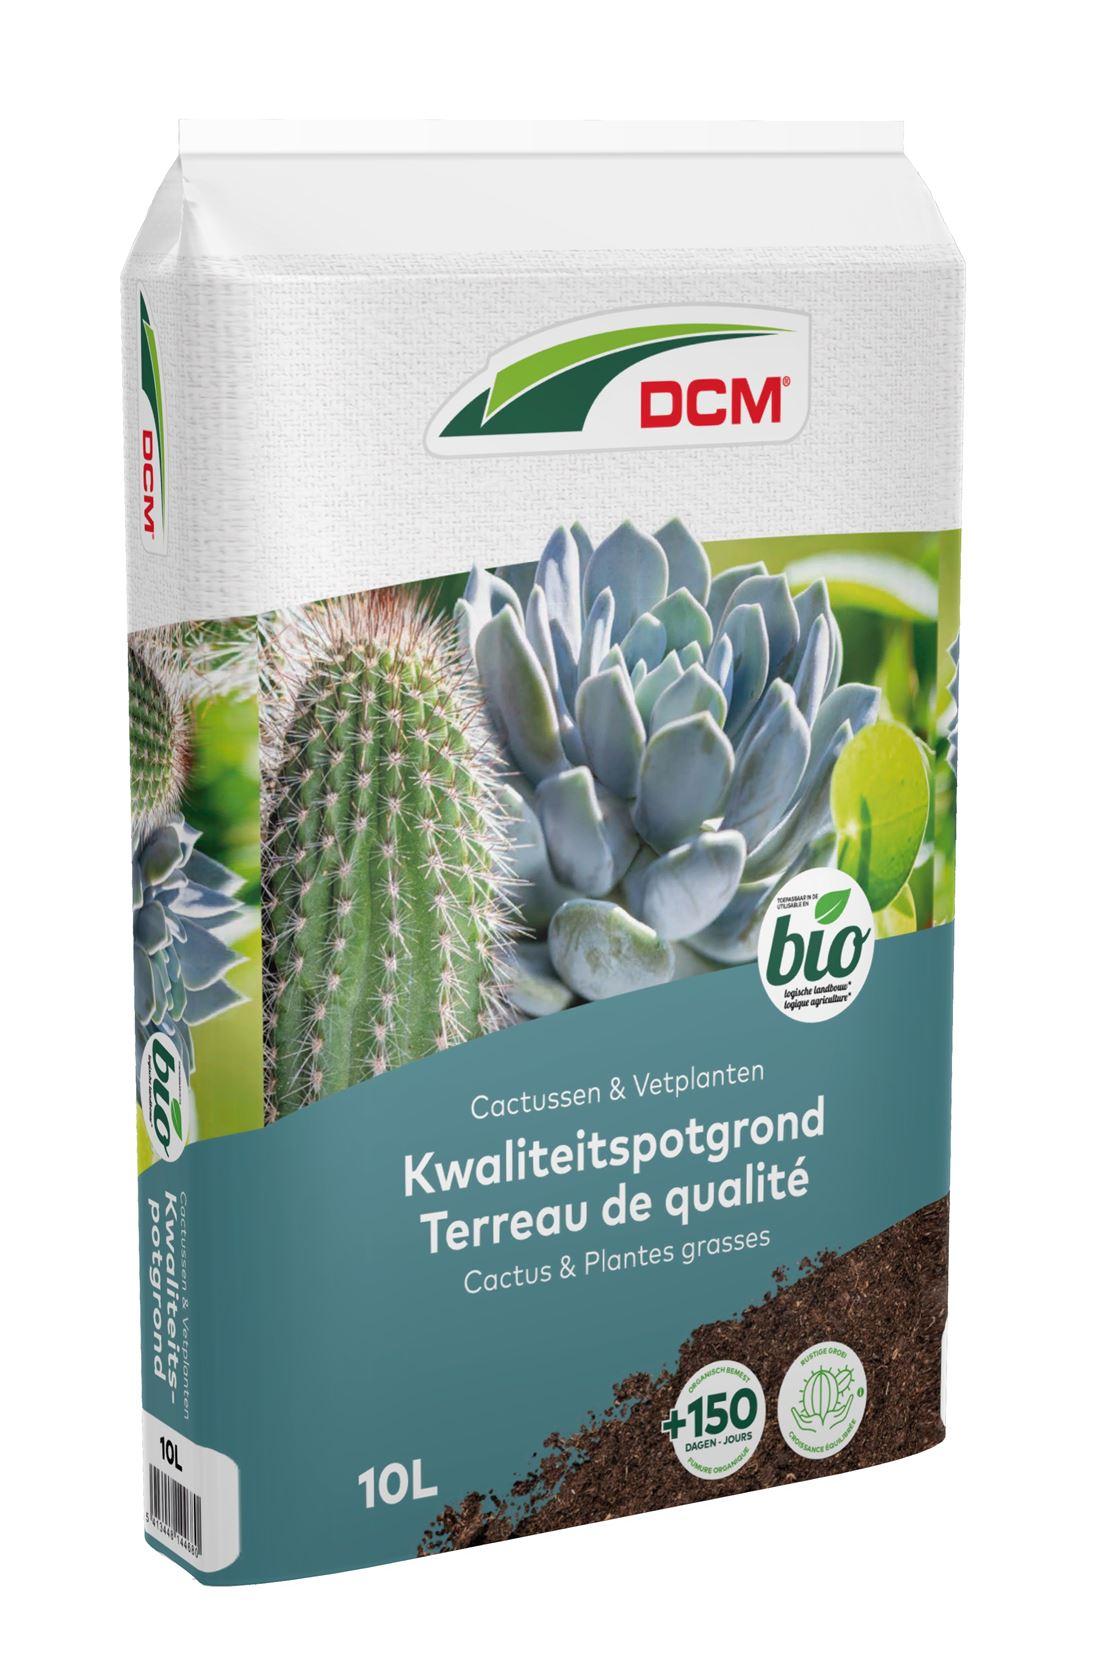 Ecoterra-potgrond-voor-cactus-vet-rotsplanten-10L-Bio-inclusief-meststof